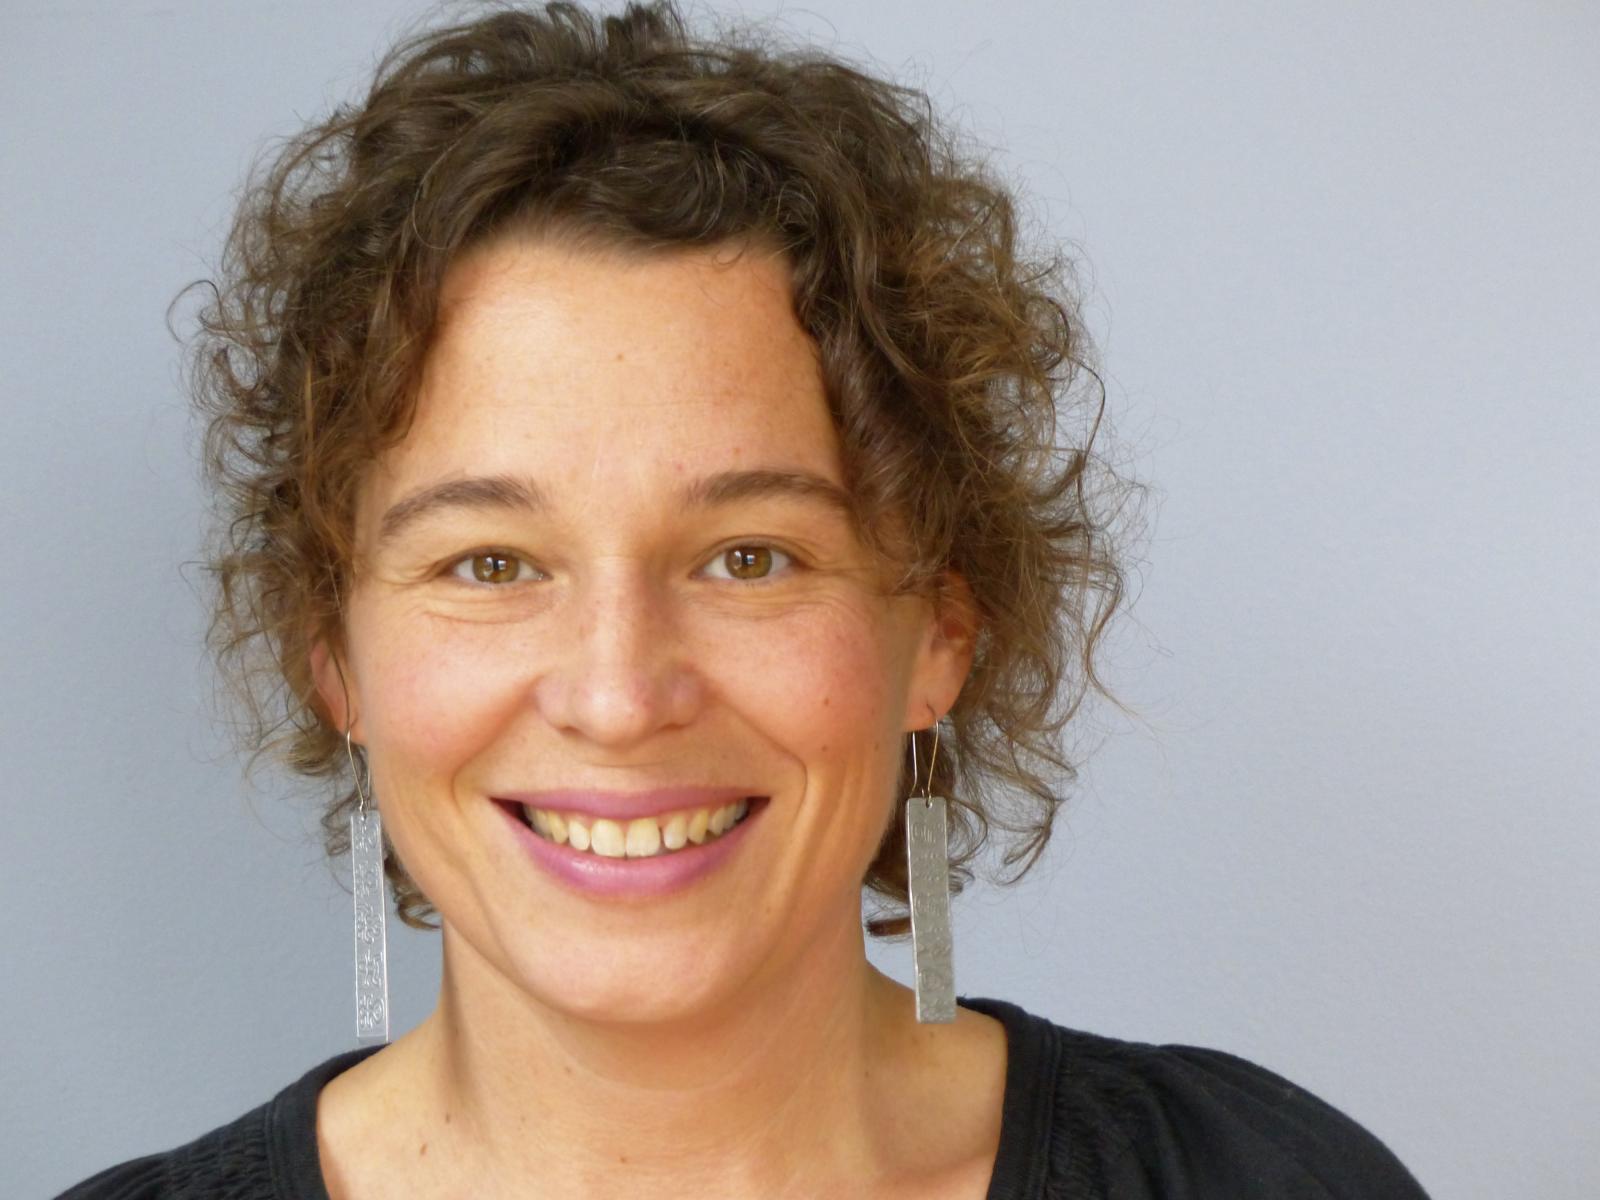 cours d'éducation sexuelle obligatoires dans les écoles du Québec Marie-Christine Pinel sexologue Unisexéducation